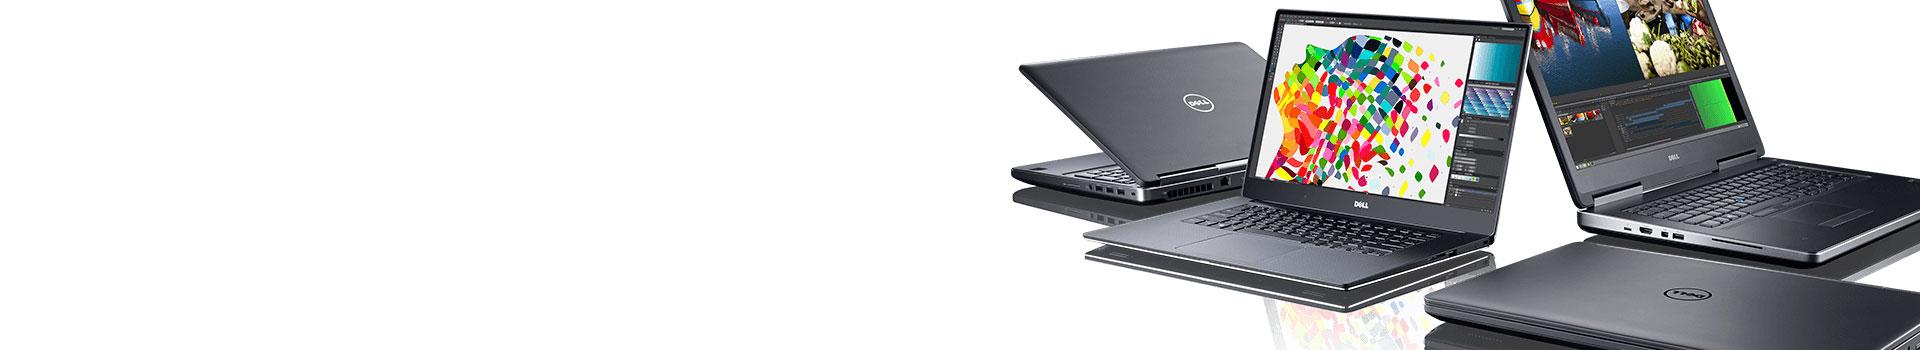 laptops-sales